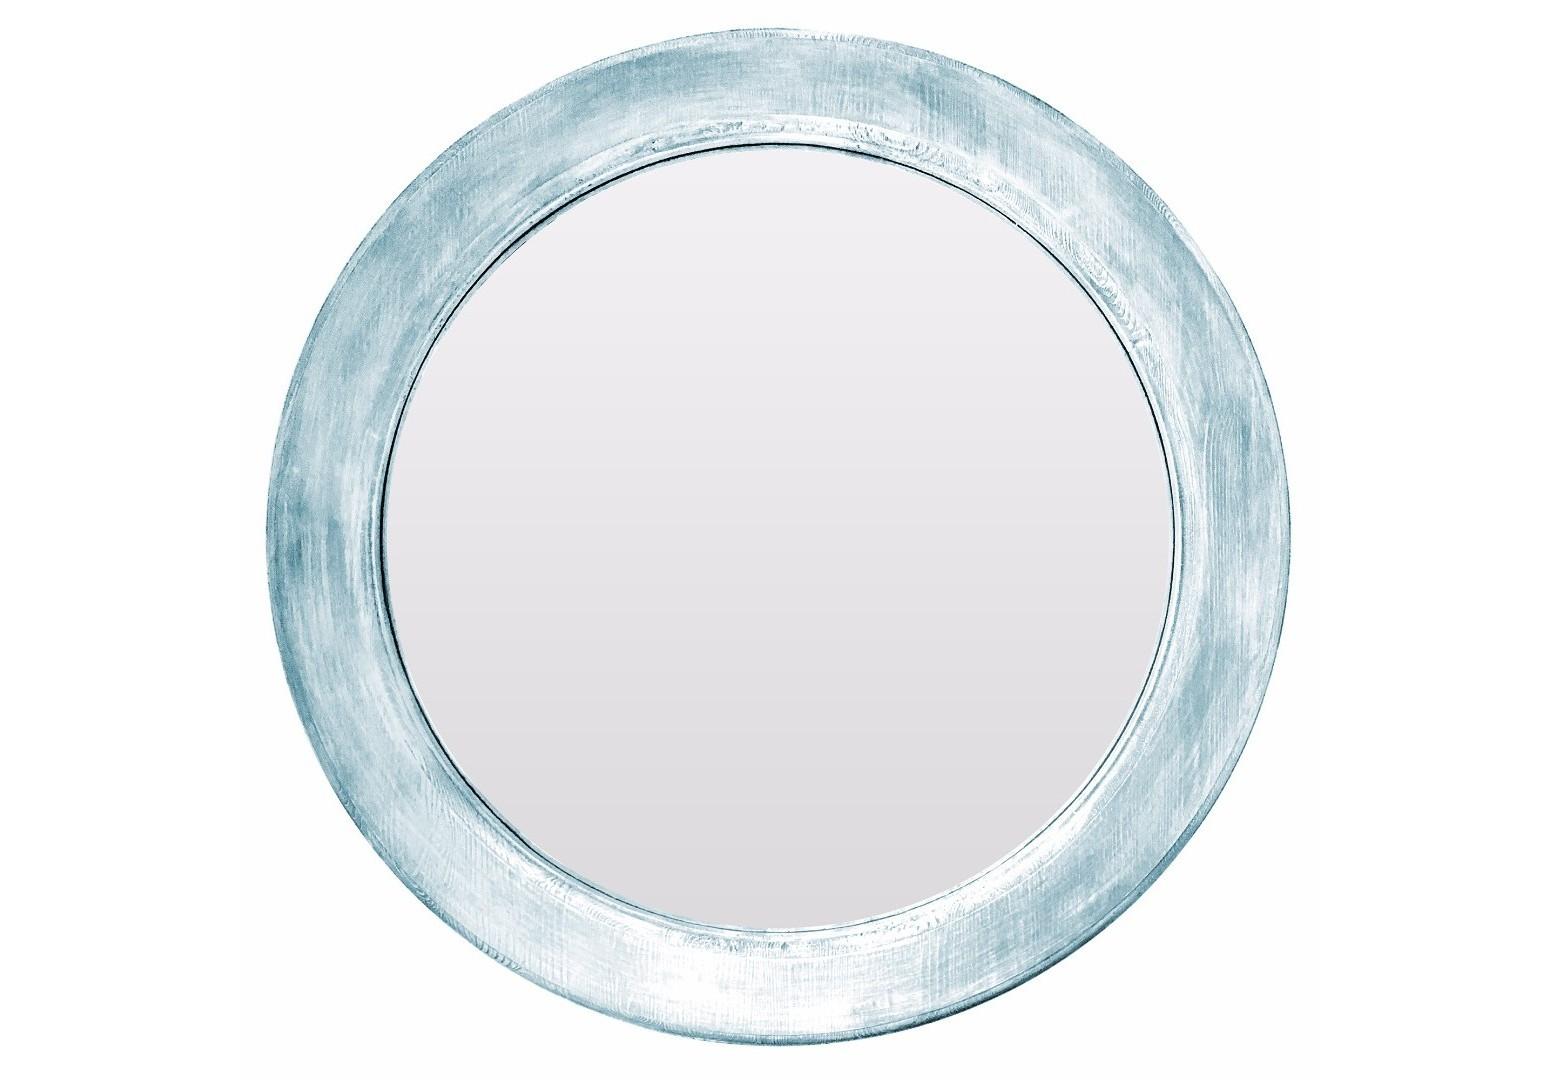 Зеркало Window BlueНастенные зеркала<br>Коллекции B-Home – это дизайнерские зеркала, зеркальная мебель и предметы интерьера. Все изделия от и до мы создаем сами в нашей мастерской. Каждое – это уникальное произведение, арт-объект со своей историей и мелодией. Мы следим за современными трендами, лично отбираем лучшие материалы и каждый день трудимся над созданием новых шедевров, которые будут радовать вас. Если вы ищете что-то действительно качественное, стоящее и эксклюзивное, что сделано с душой и руками человека, B-Home&amp;amp;nbsp;придется вам по вкусу!<br><br>Material: Дерево<br>Ширина см: 59.0<br>Высота см: 59.0<br>Глубина см: 3.0